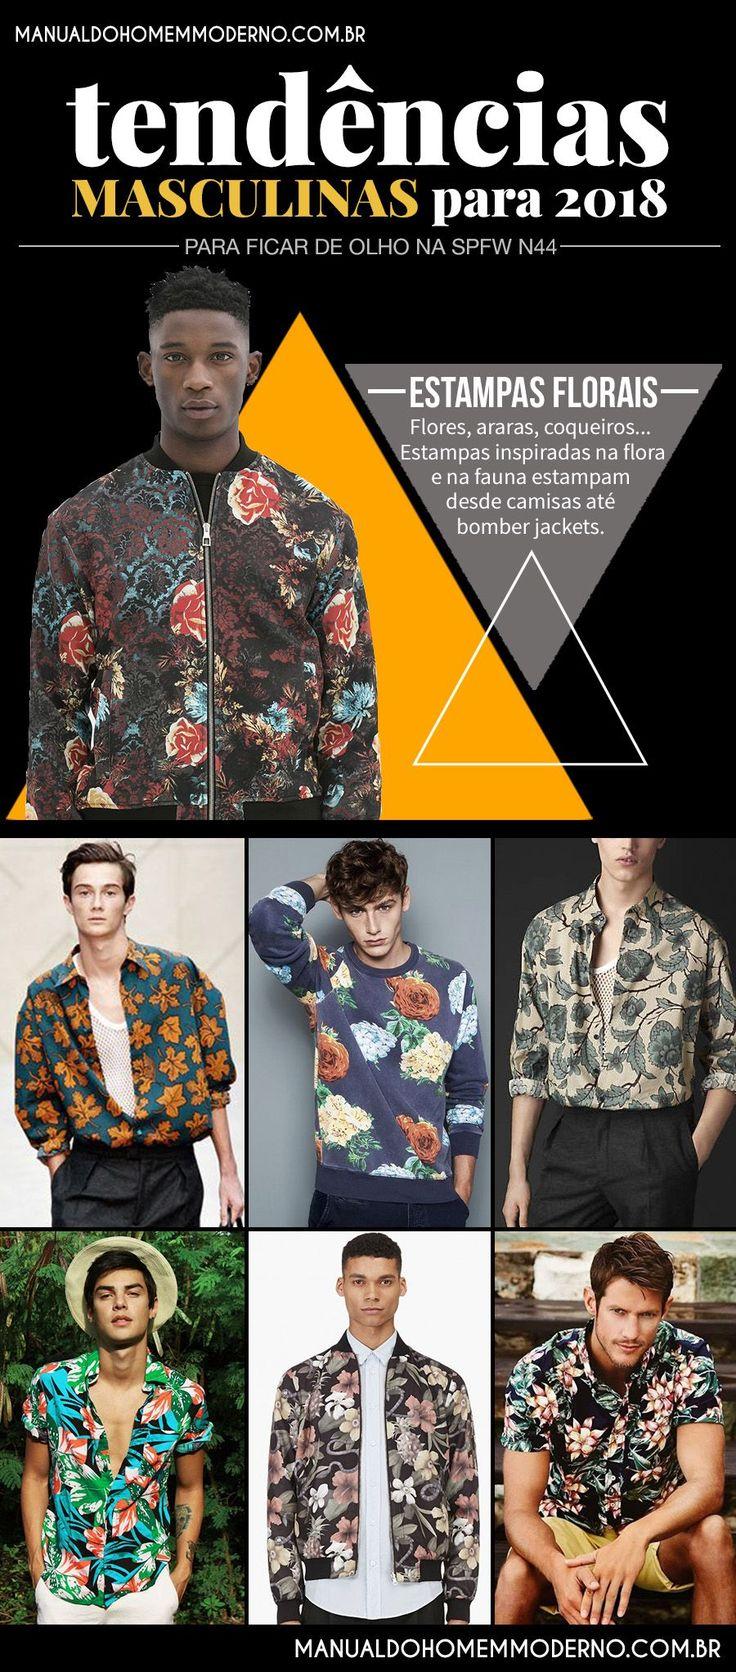 As estampas florais prometem estar em alta na moda masculina em 2018.